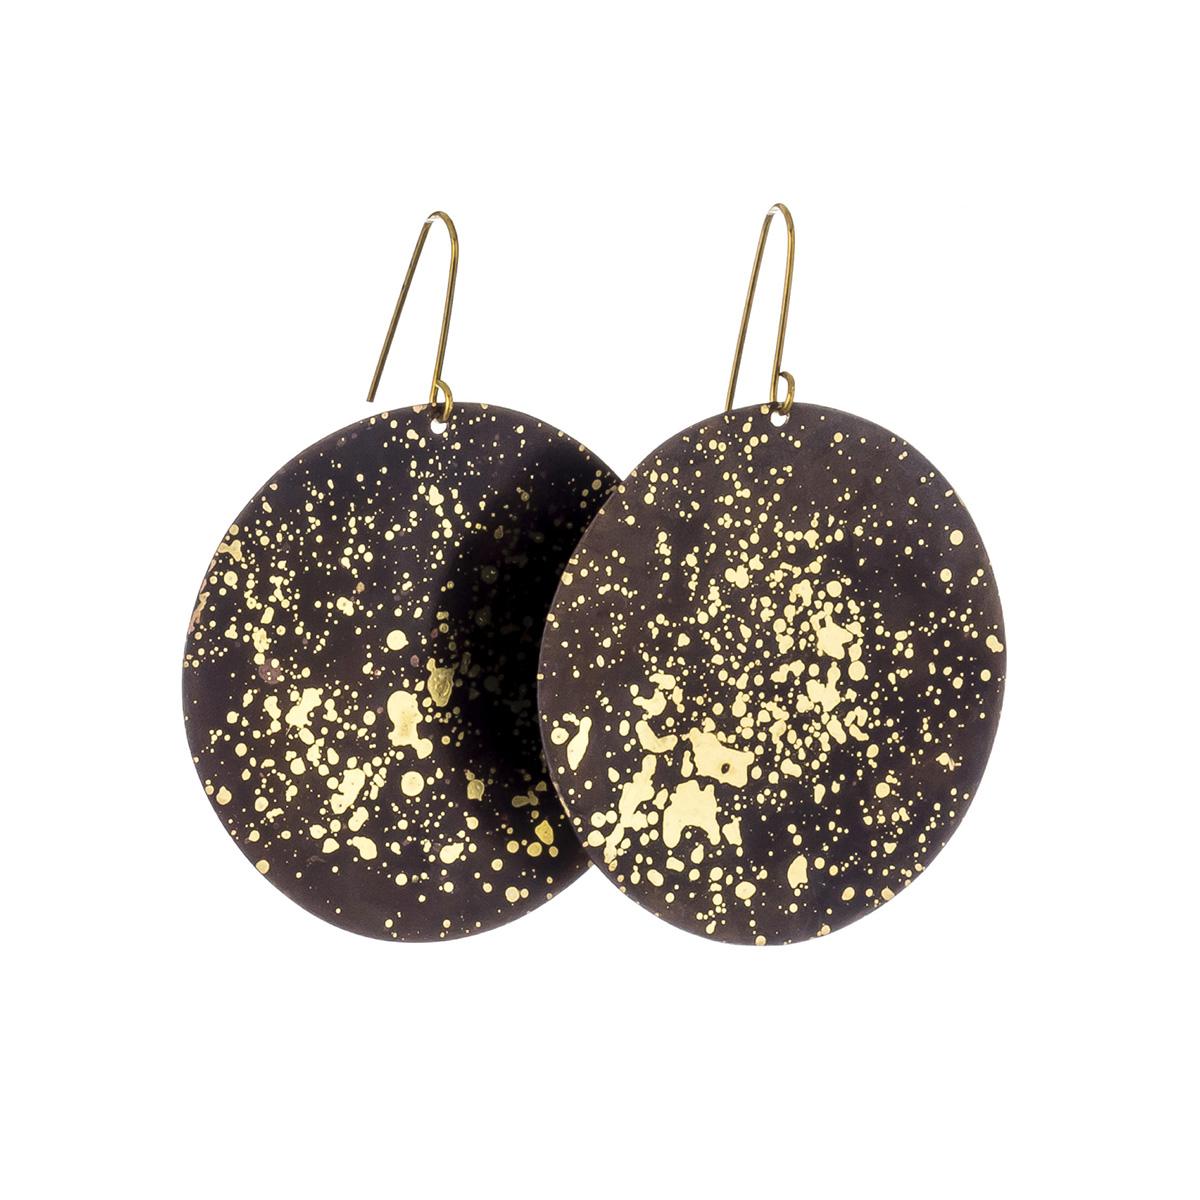 Black speck disc hook earrings by Sibilia